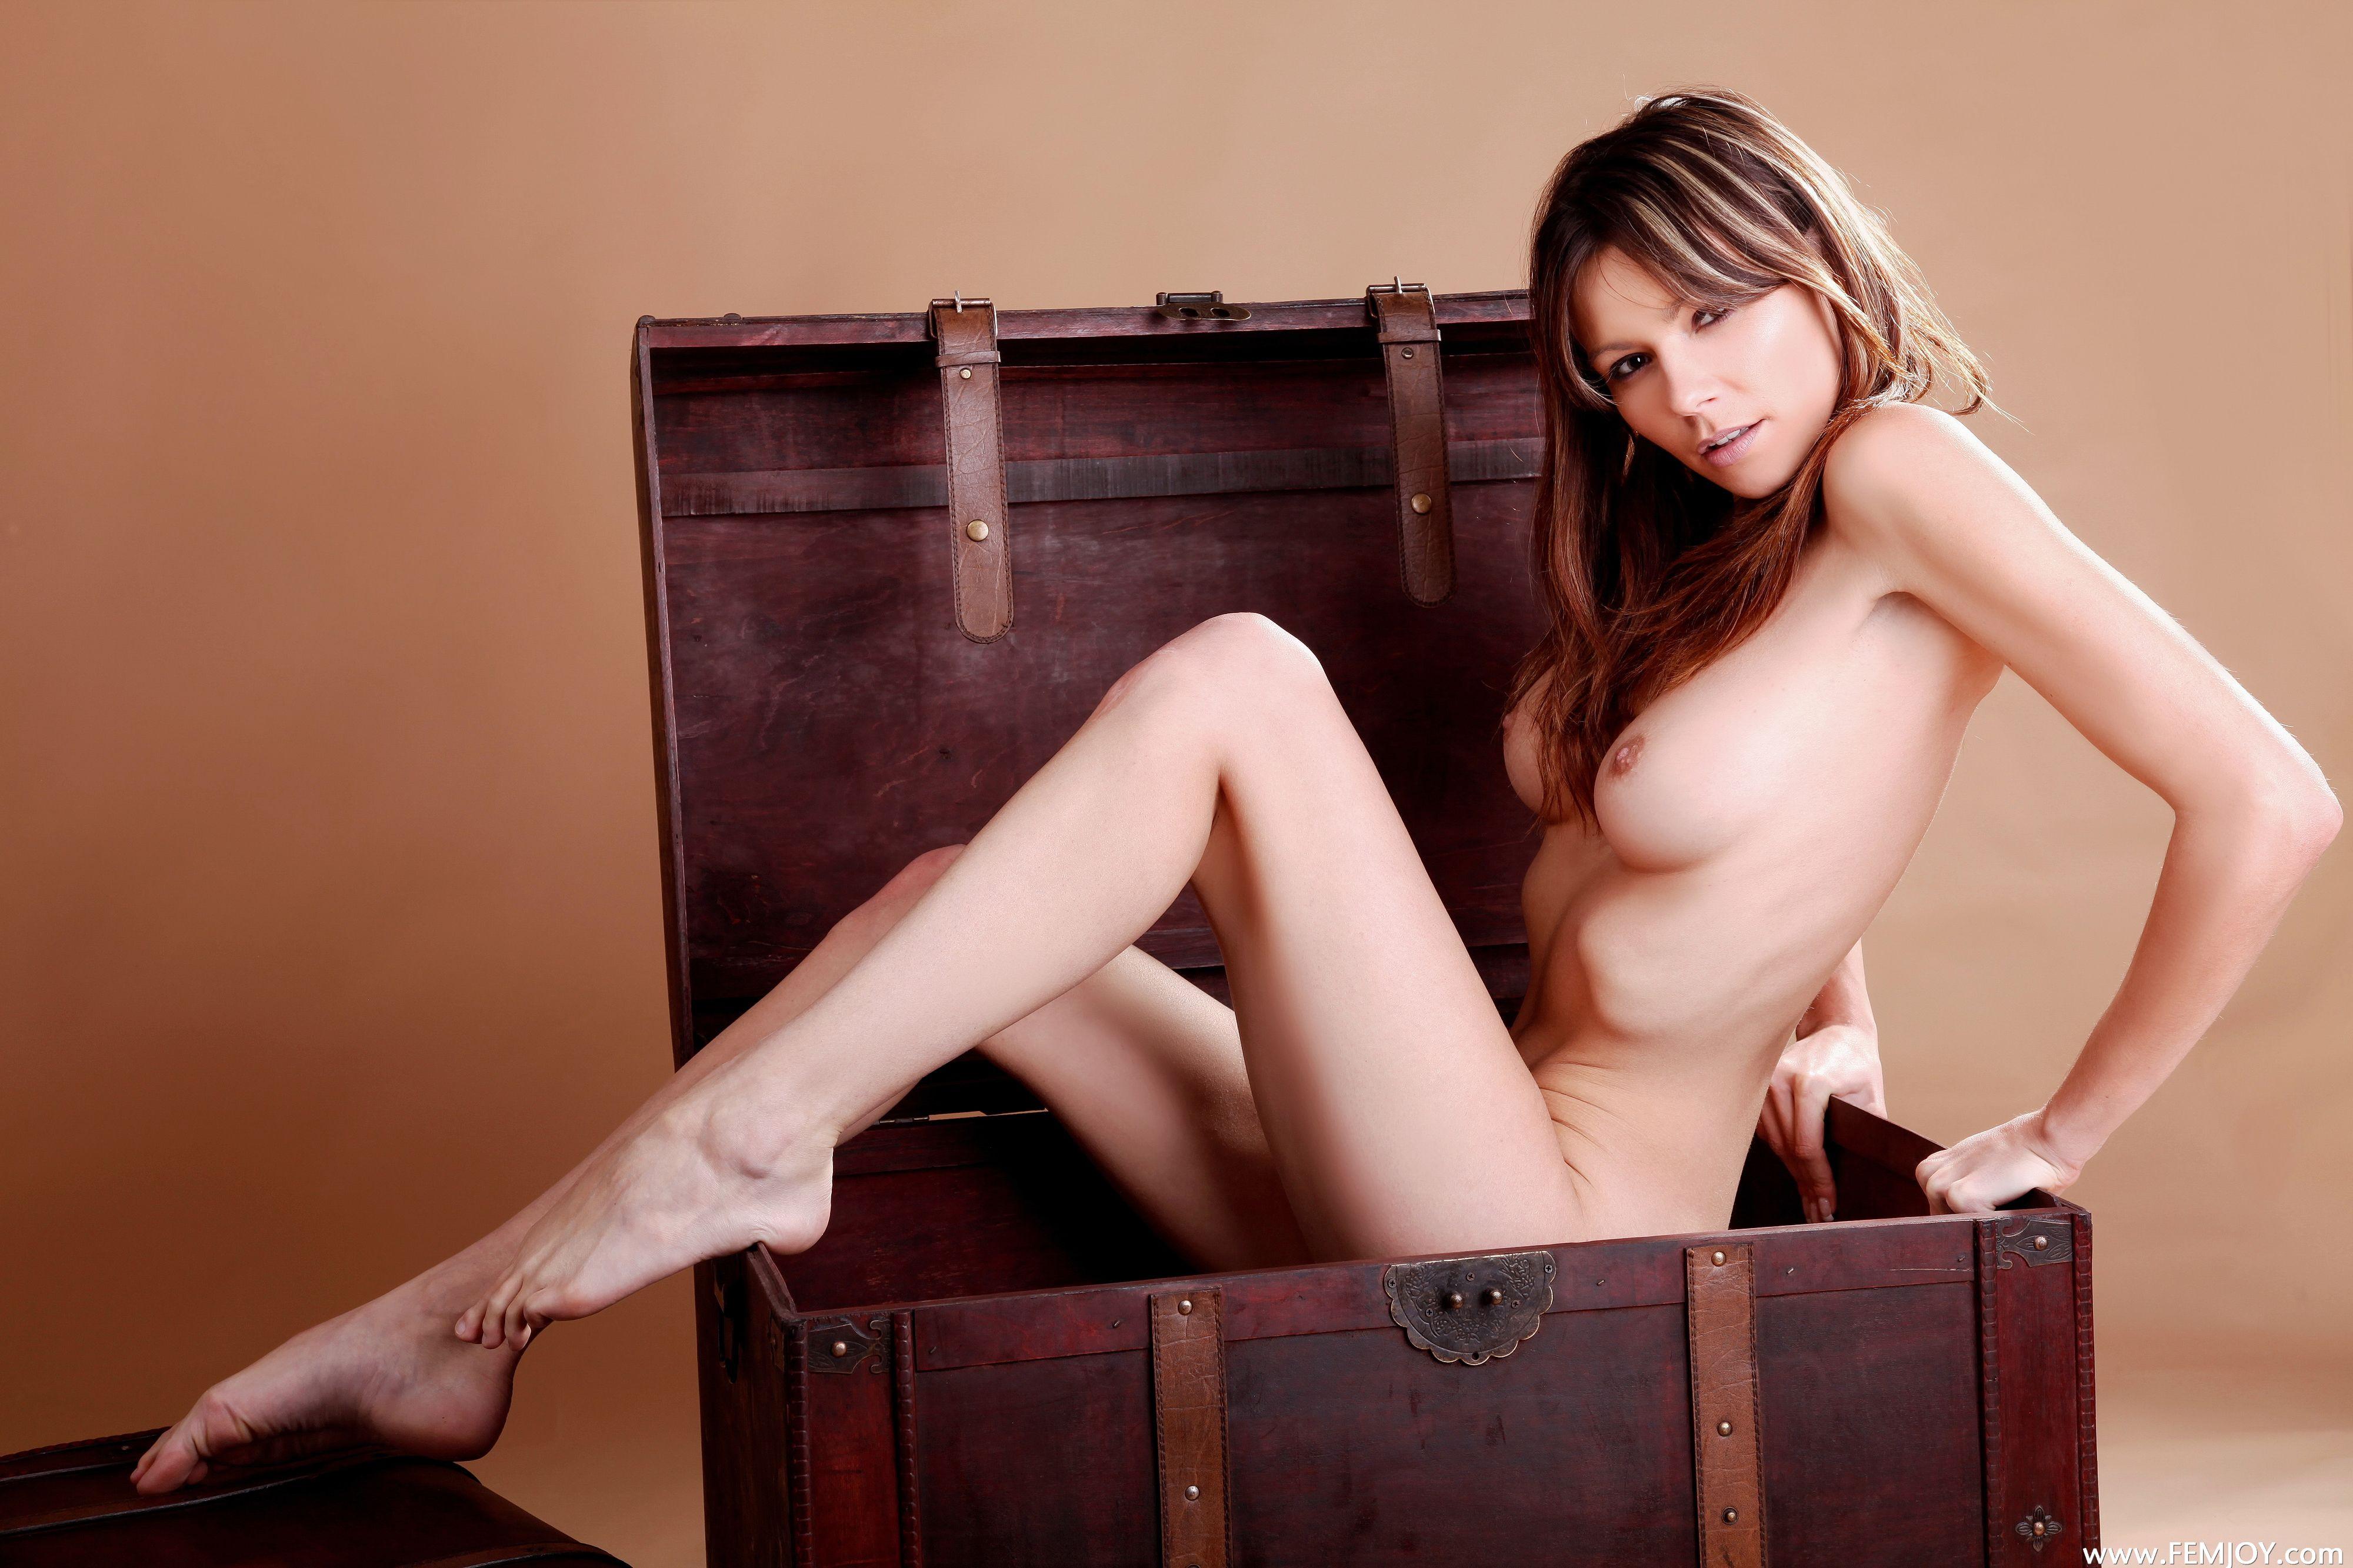 обои Tania, Tia, модель, красотка картинки фото